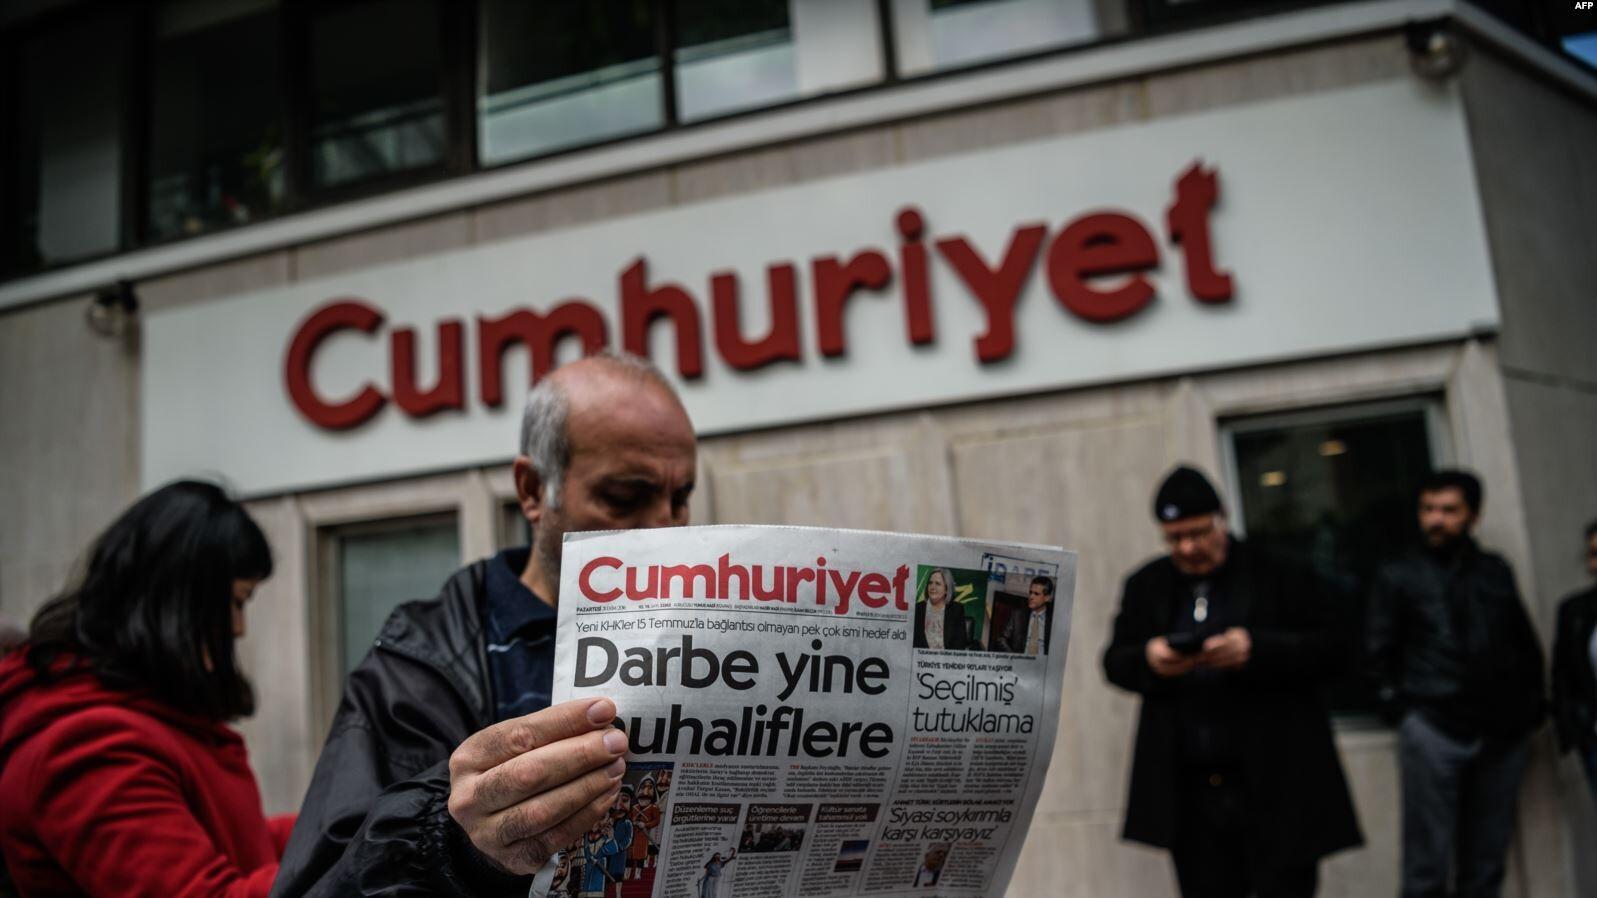 تركيا.. تبرئة 5 صحفيين من جريدة معارضة أدينوا سابقا بدعم الإرهاب